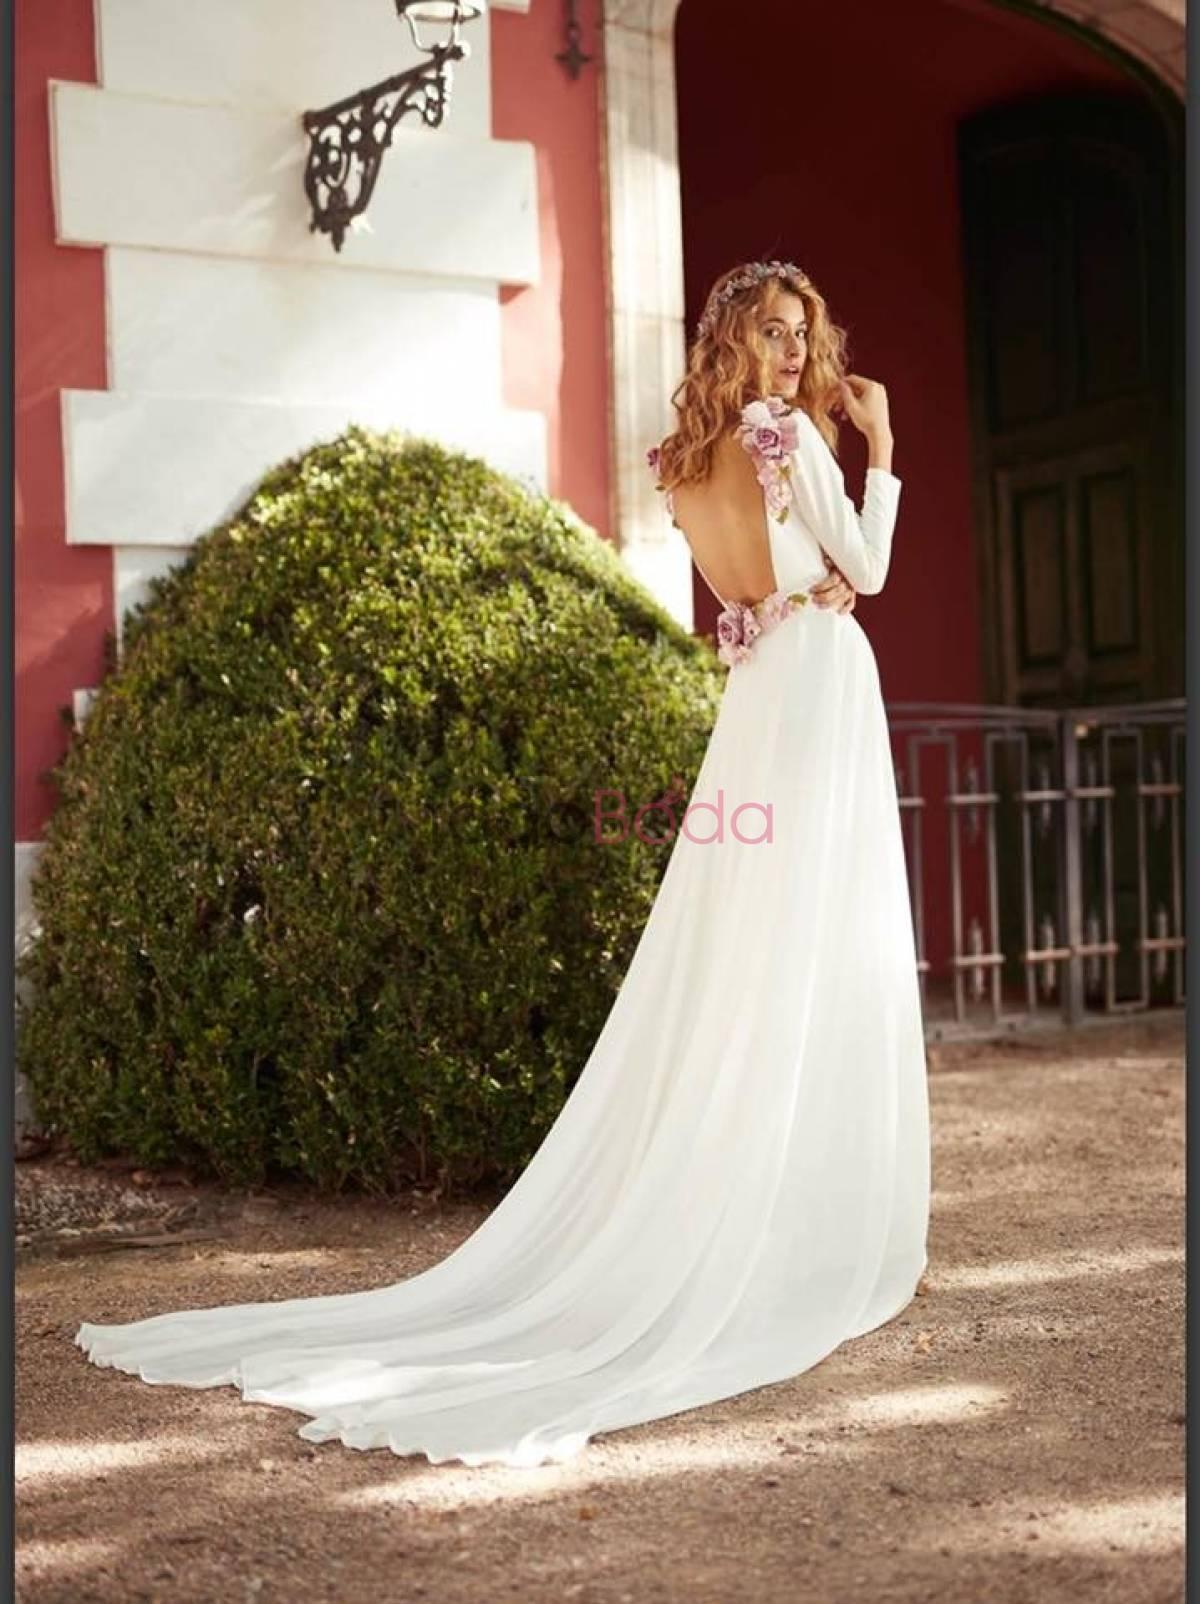 979a8f0488 Me Pido Este Vestido. Vestidos de Novia Madrid. Colecciones 4